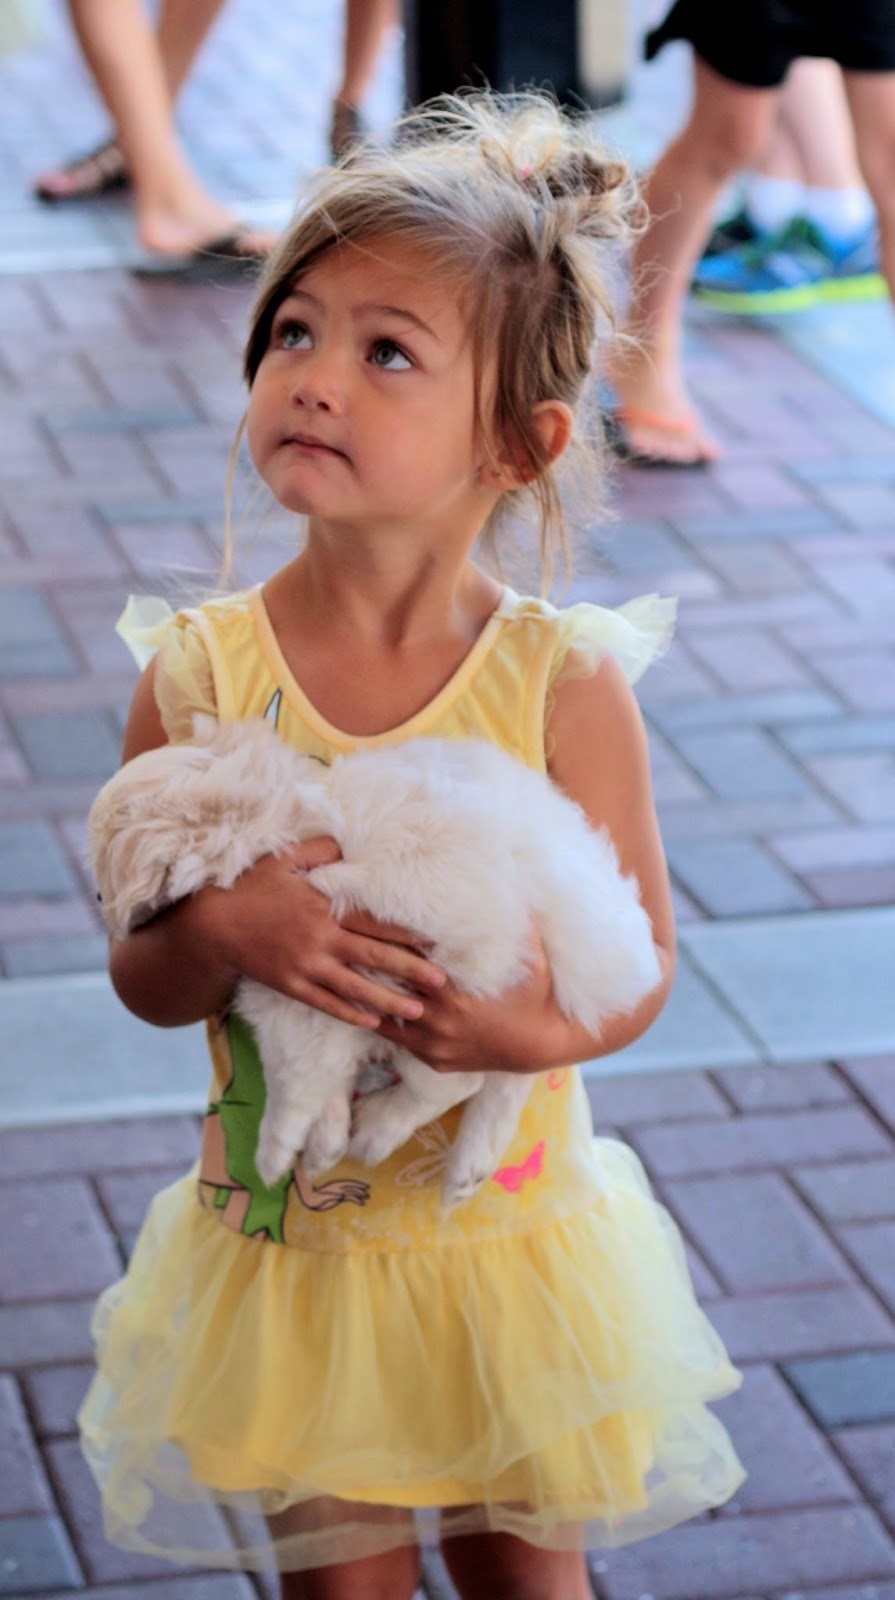 A little girl in a yellow dress hugs an adorable puppy.